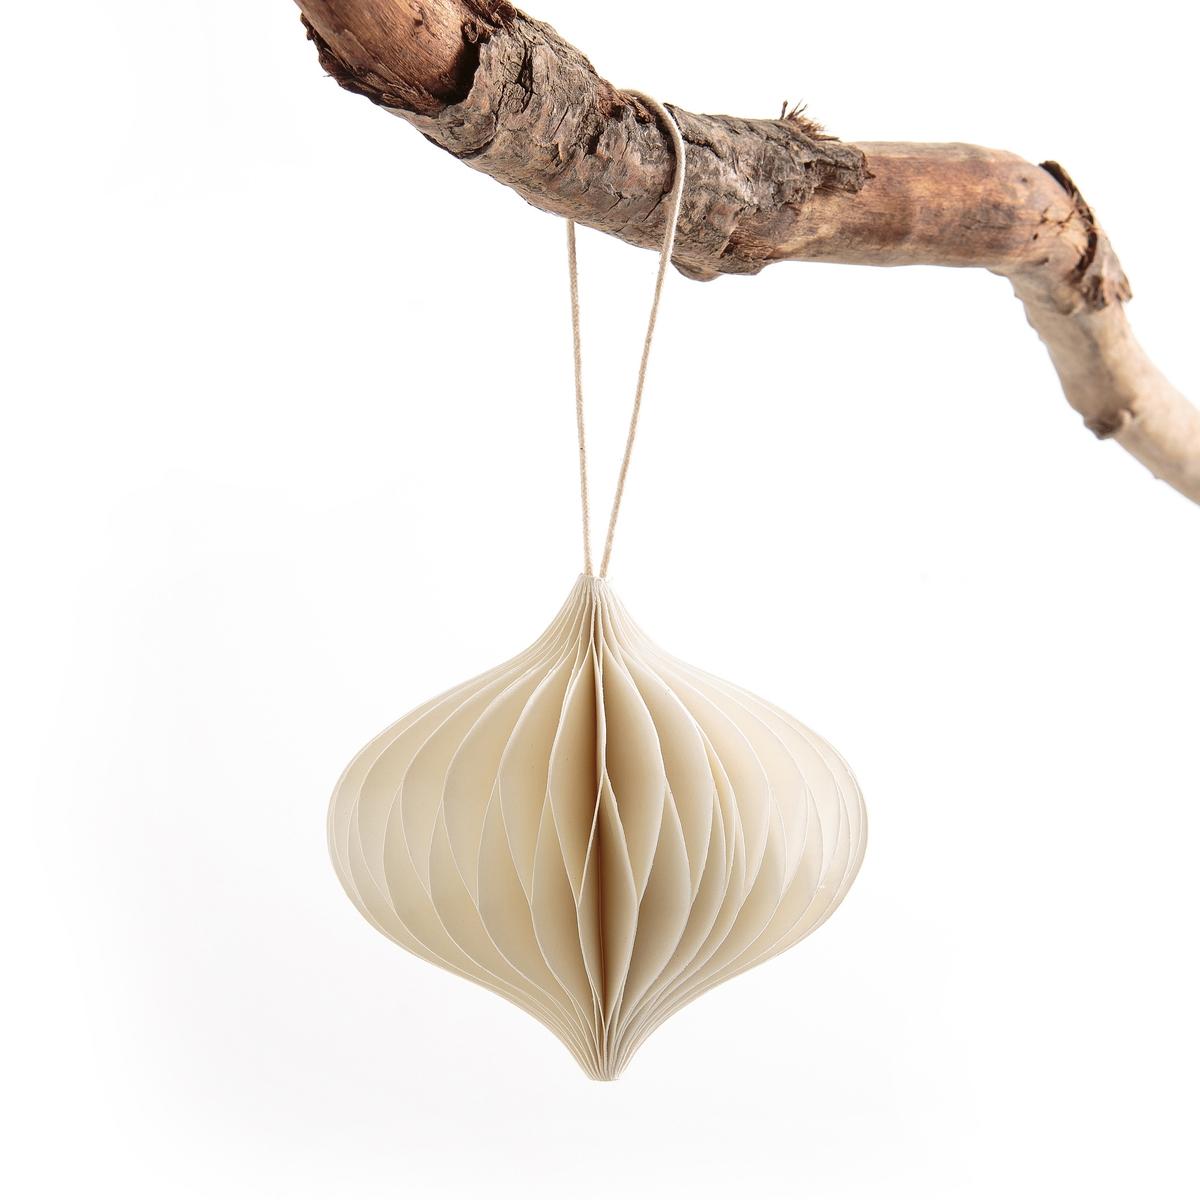 Украшение из бумаги.  модель 3 KalissaОписание:Украшение Kalissa. Украшение из бумаги, напоминающее оригами, придаст вашей елке праздничный вид.      Размеры : ?9 см, высота 9 см с креплением. Сочетается с украшением Kalissa модель 1 и модель 2, продающимися на нашем сайте .<br><br>Цвет: слоновая кость,черный<br>Размер: единый размер.единый размер